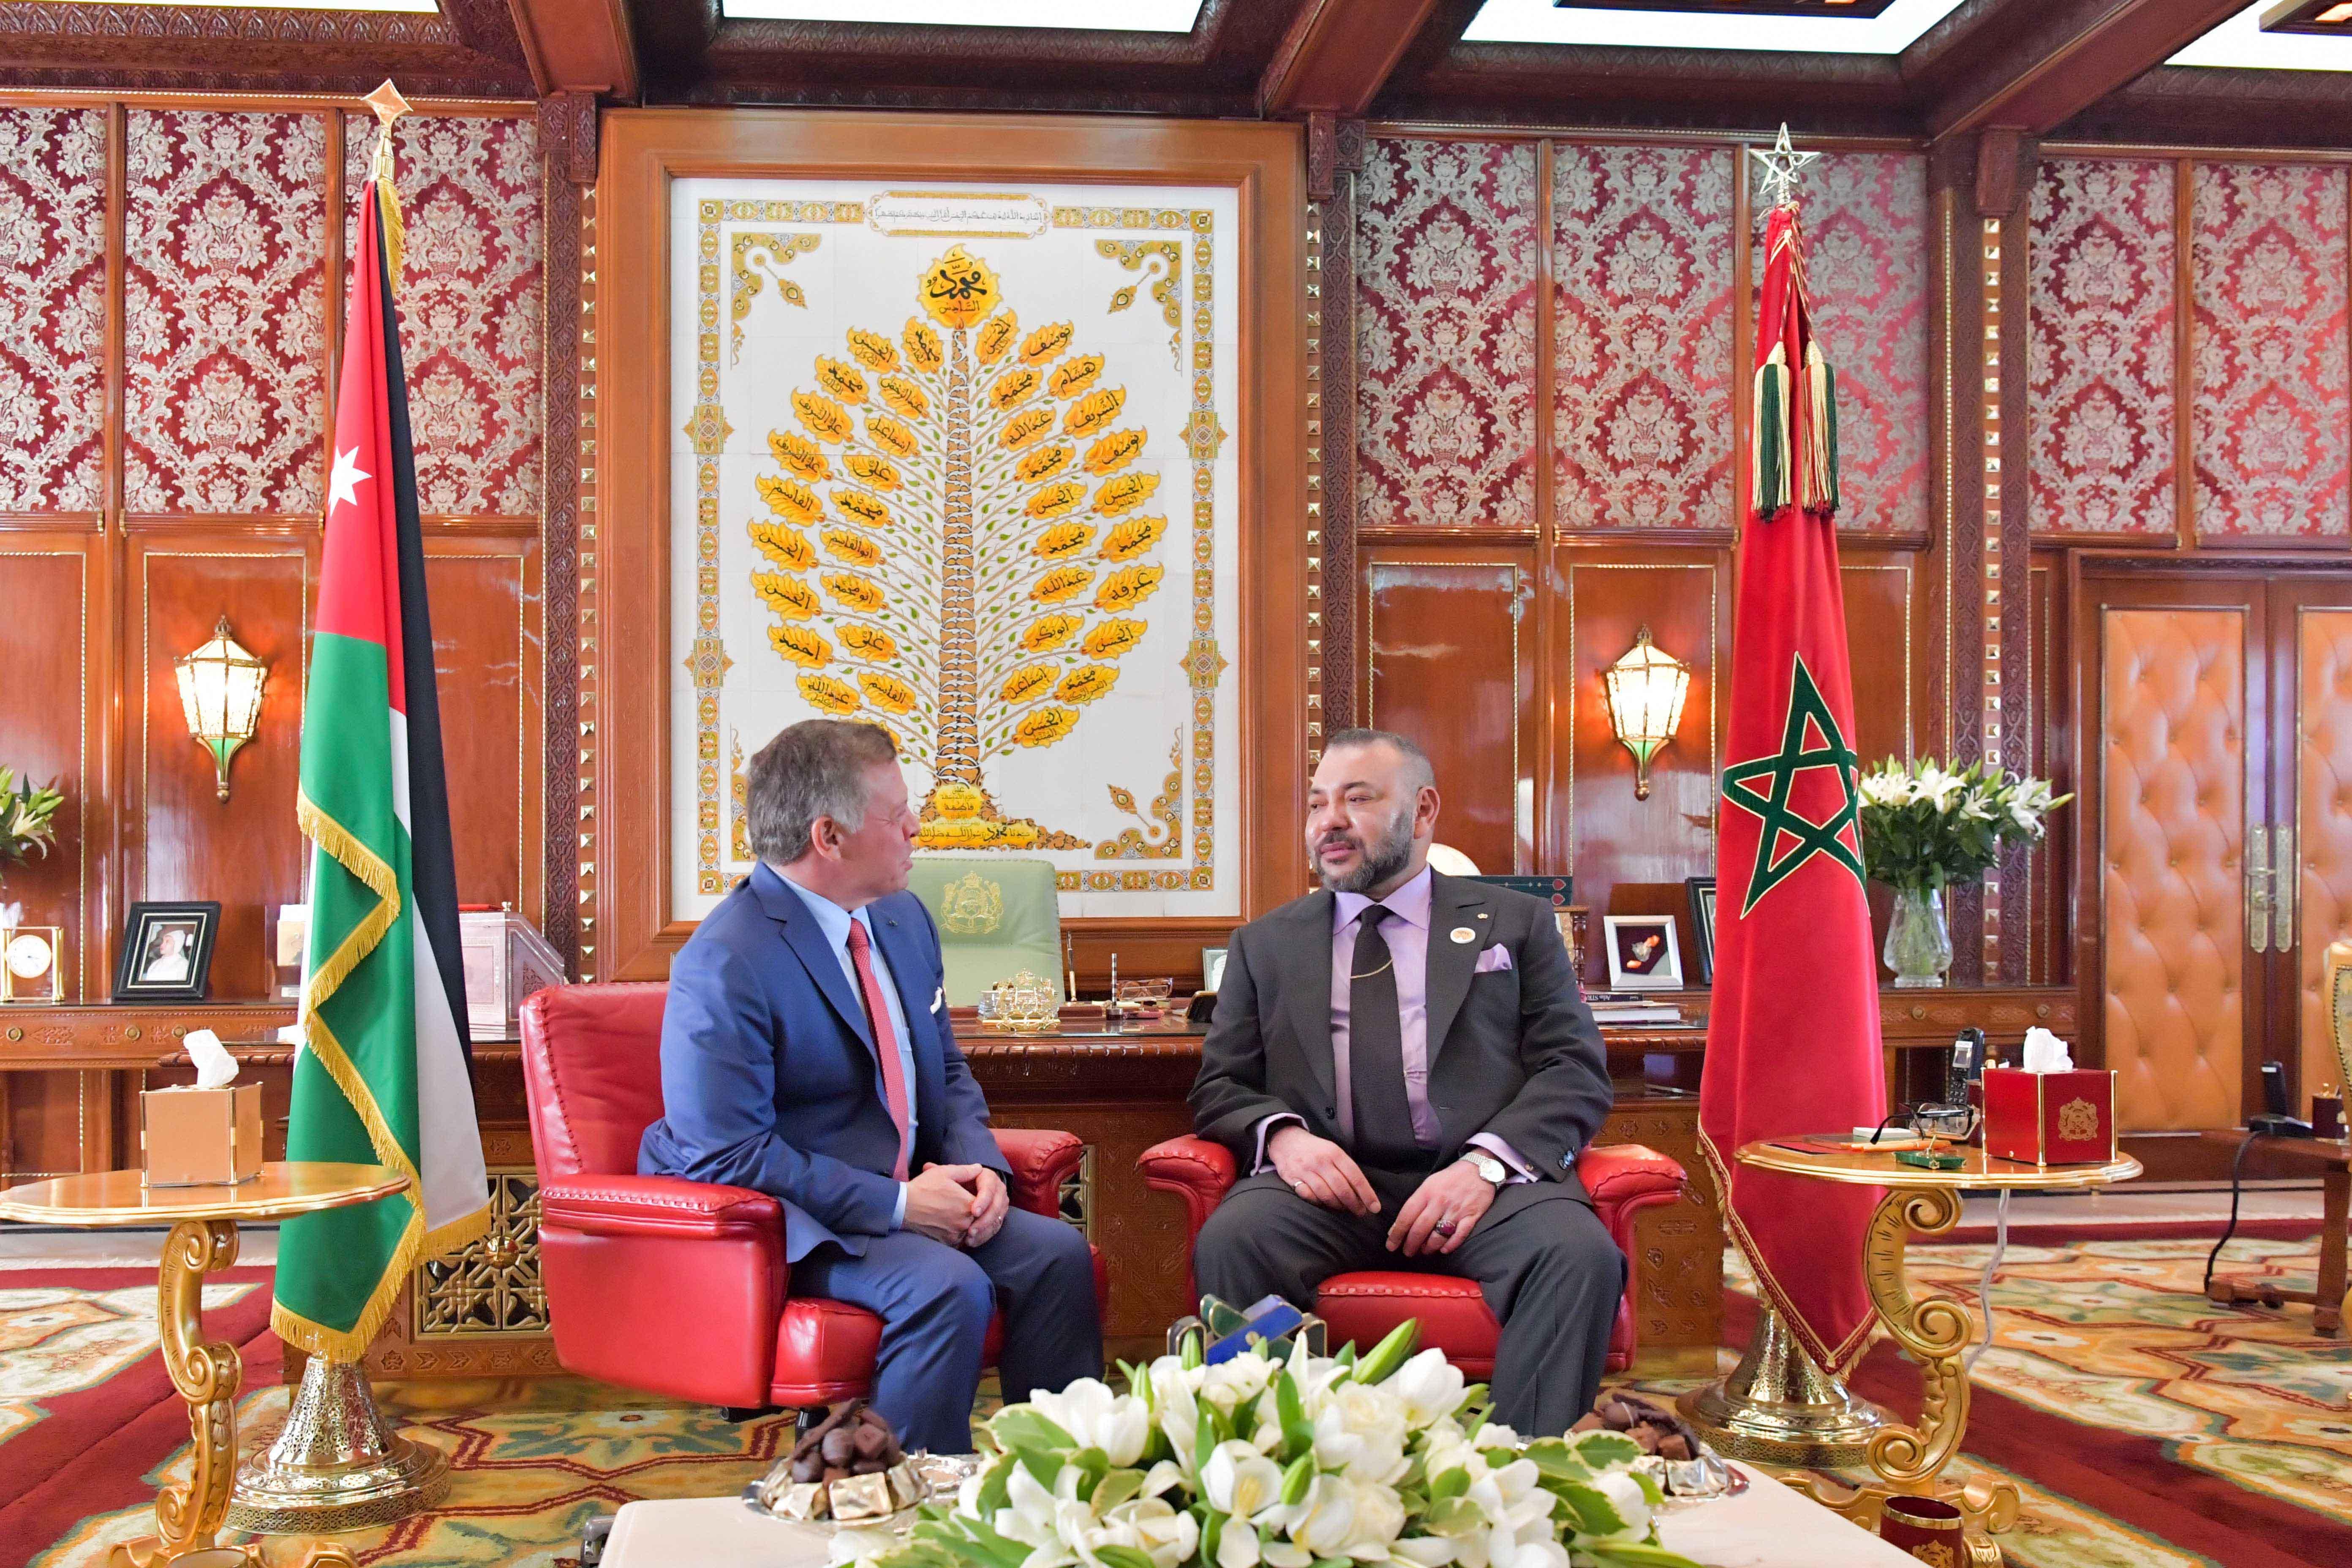 الملك محمد السادس يجري مباحثات مع الملك عبد الله الثاني